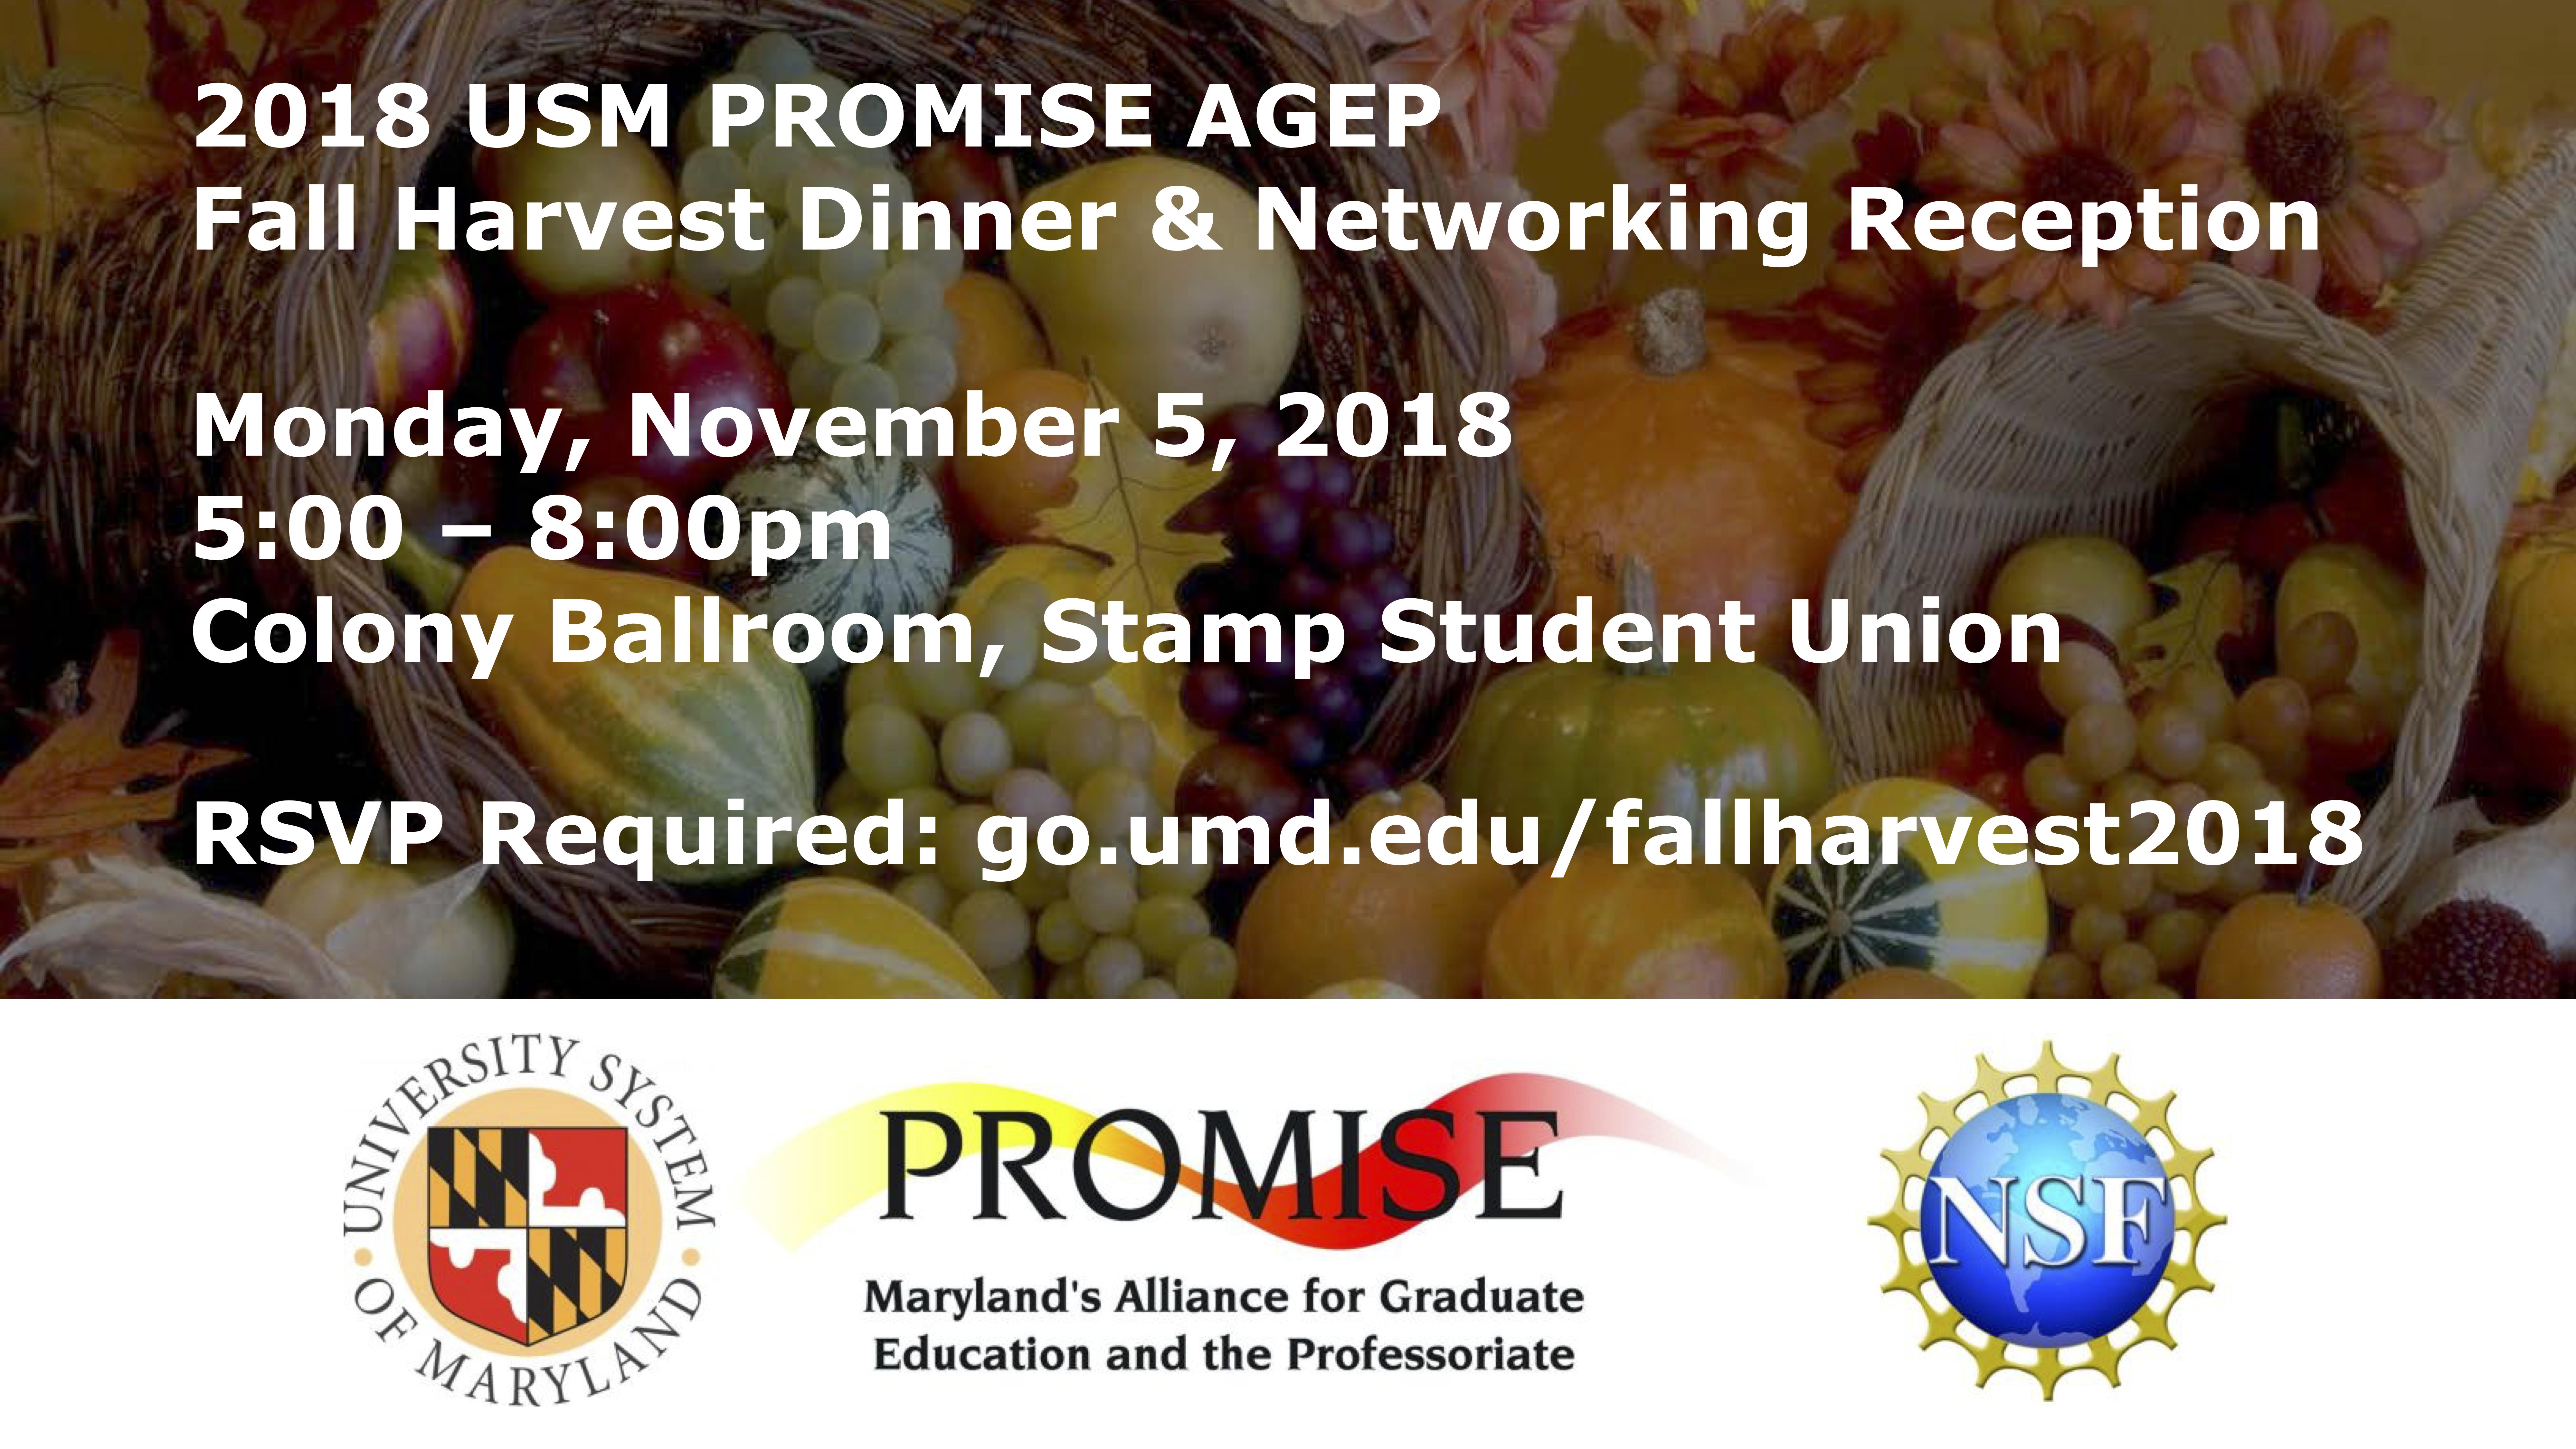 2018 USM PROMISE AGEP Fall Harvest Dinner & Networking